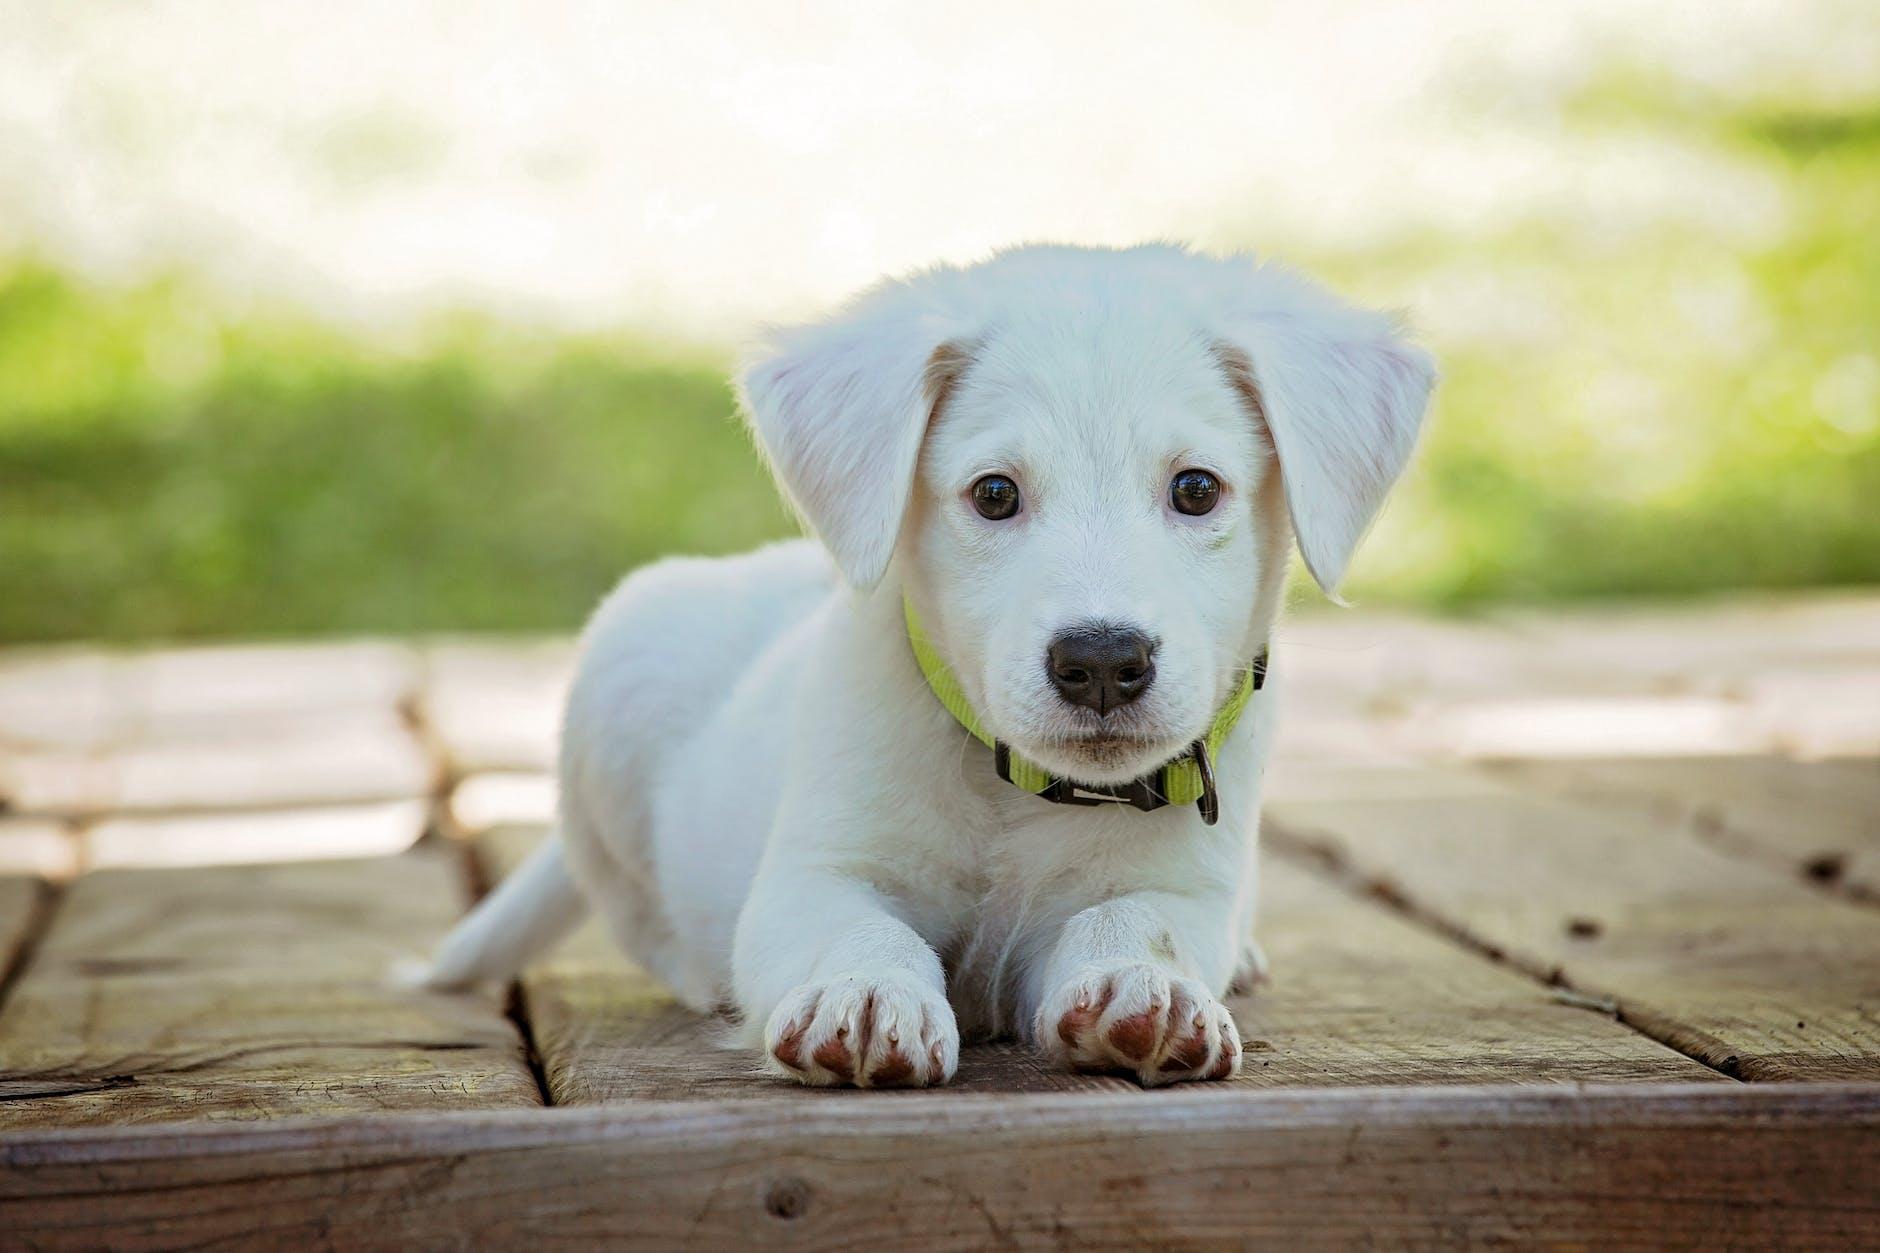 Enseigner à votre chien: voici comment vous pouvez le faire asseoir ou rester!